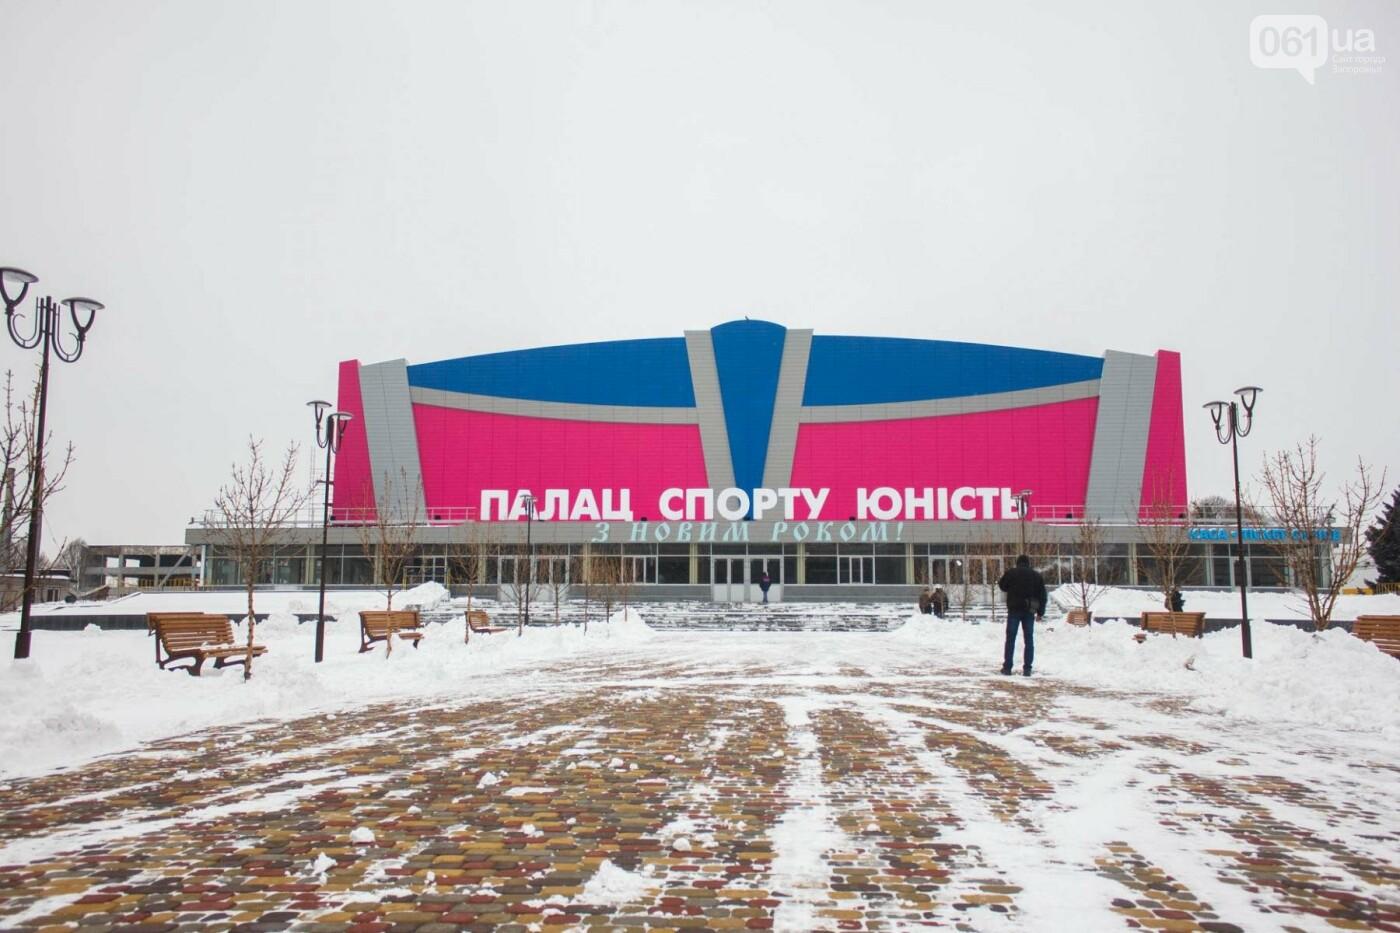 """В Запорожье подходит к концу реконструкция """"Юности"""": что сделали за 11 месяцев работы, — ФОТОРЕПОРТАЖ, фото-12"""